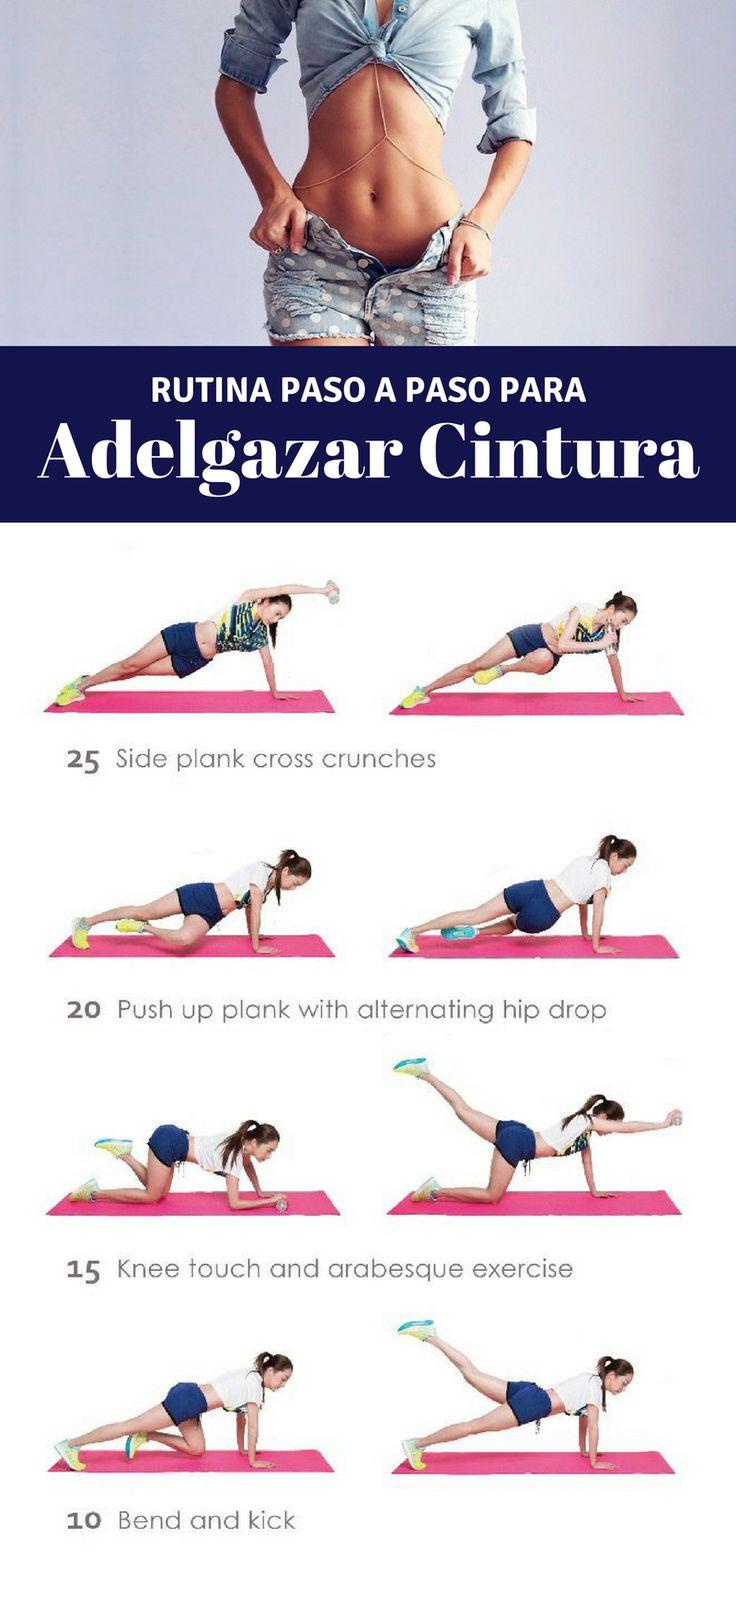 Ponte en forma con esta rutina de ejercicios para adelgazar la cintura. Más tips en nuestro artículo. | Ejercicios en casa para la cintura. #workput #abstraining